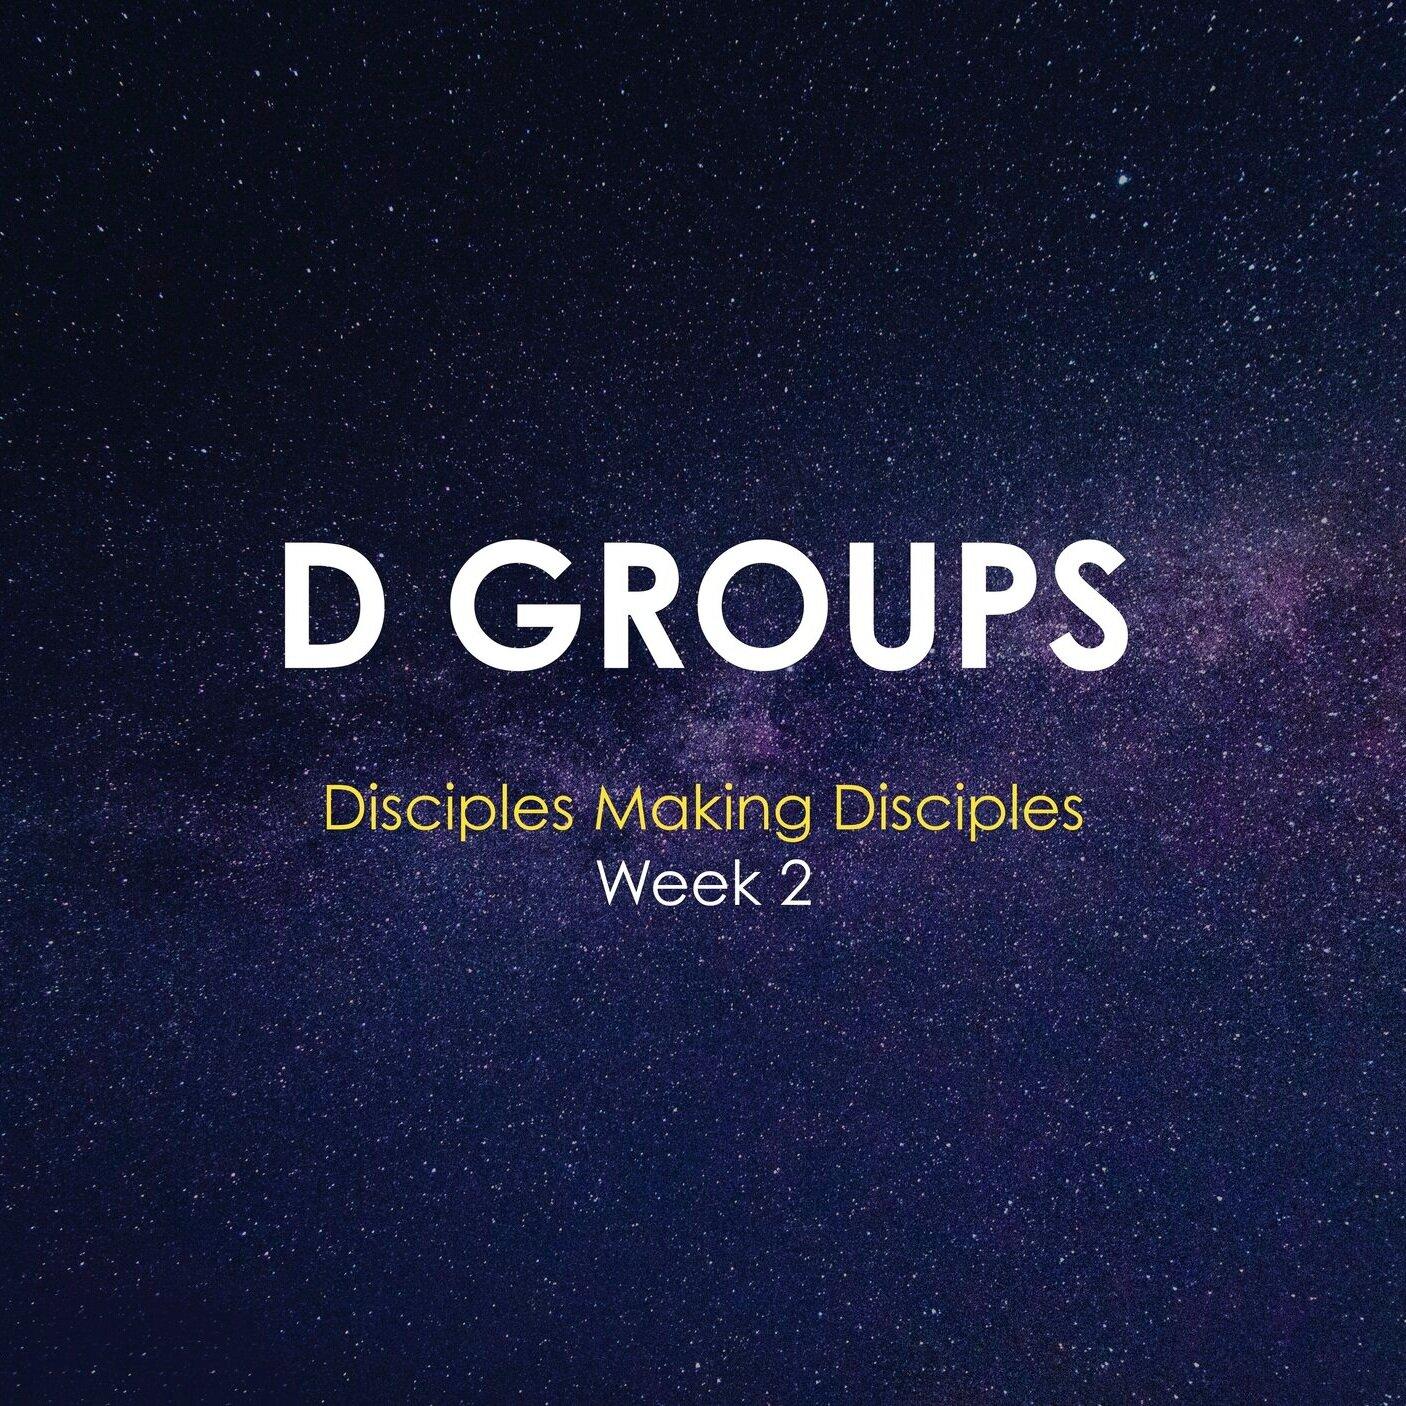 D+Group+Week+2.jpg